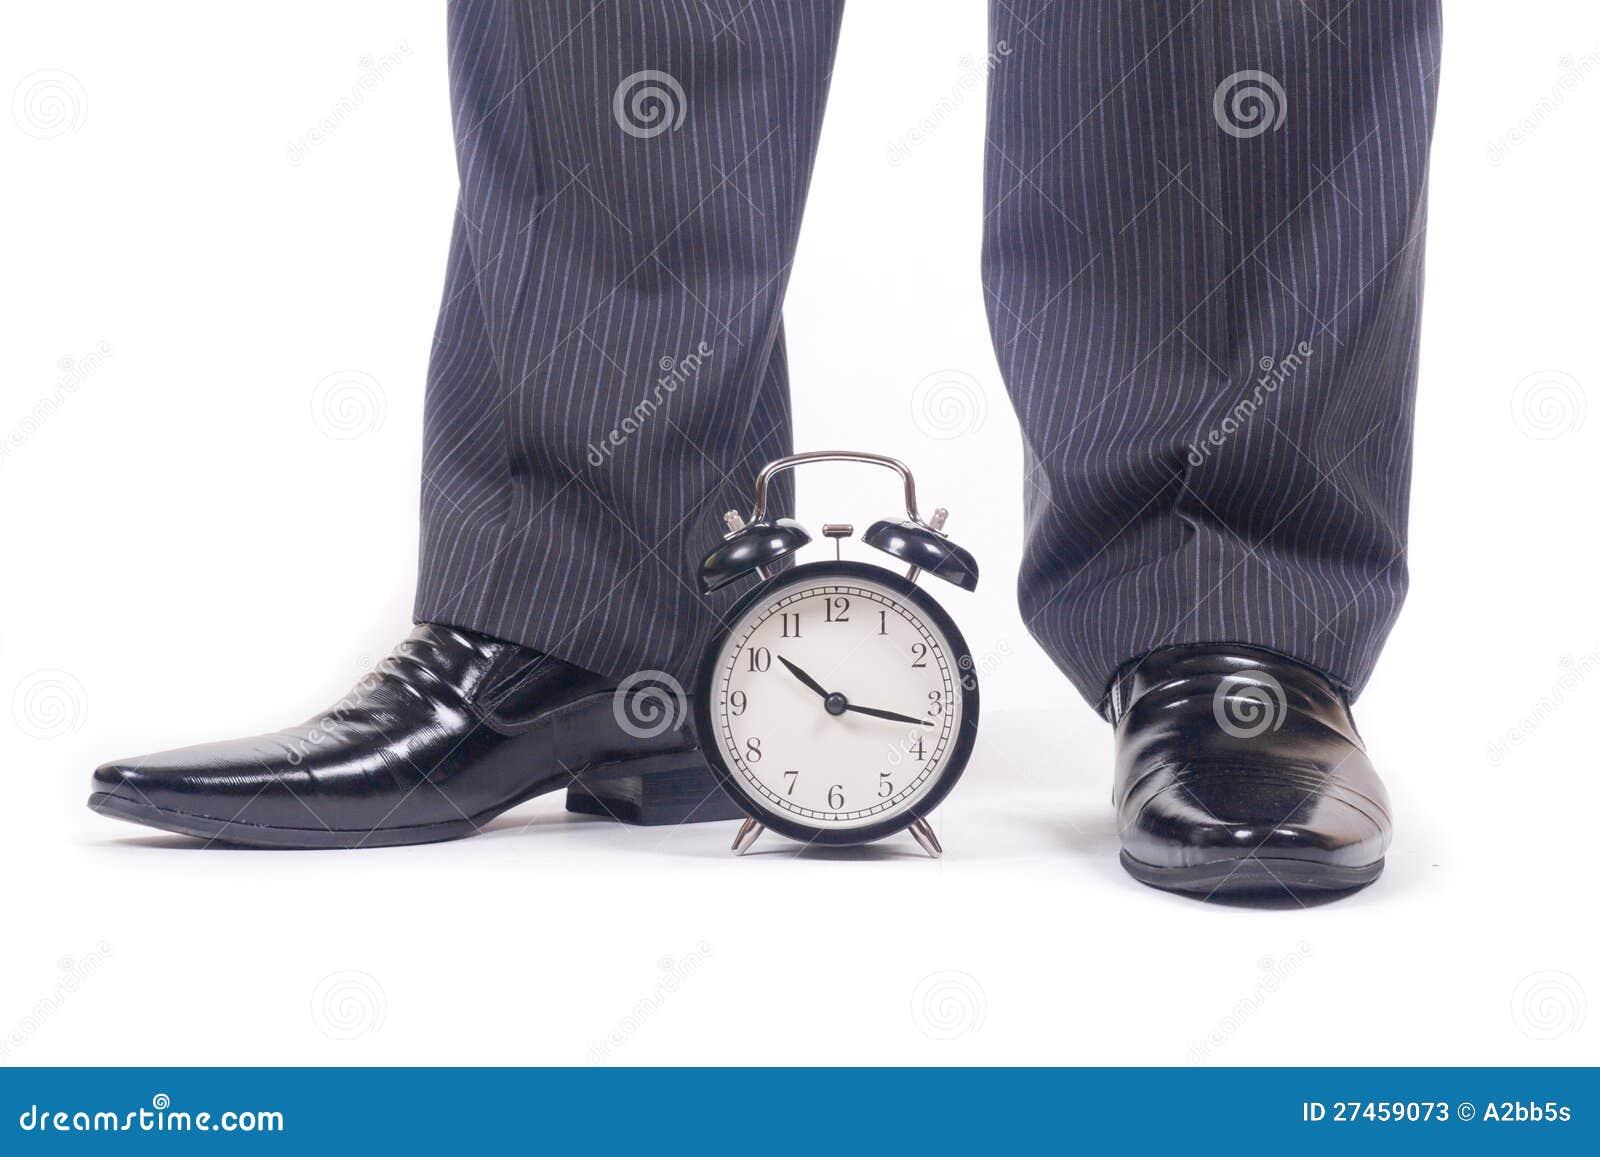 Alarm clock and legs